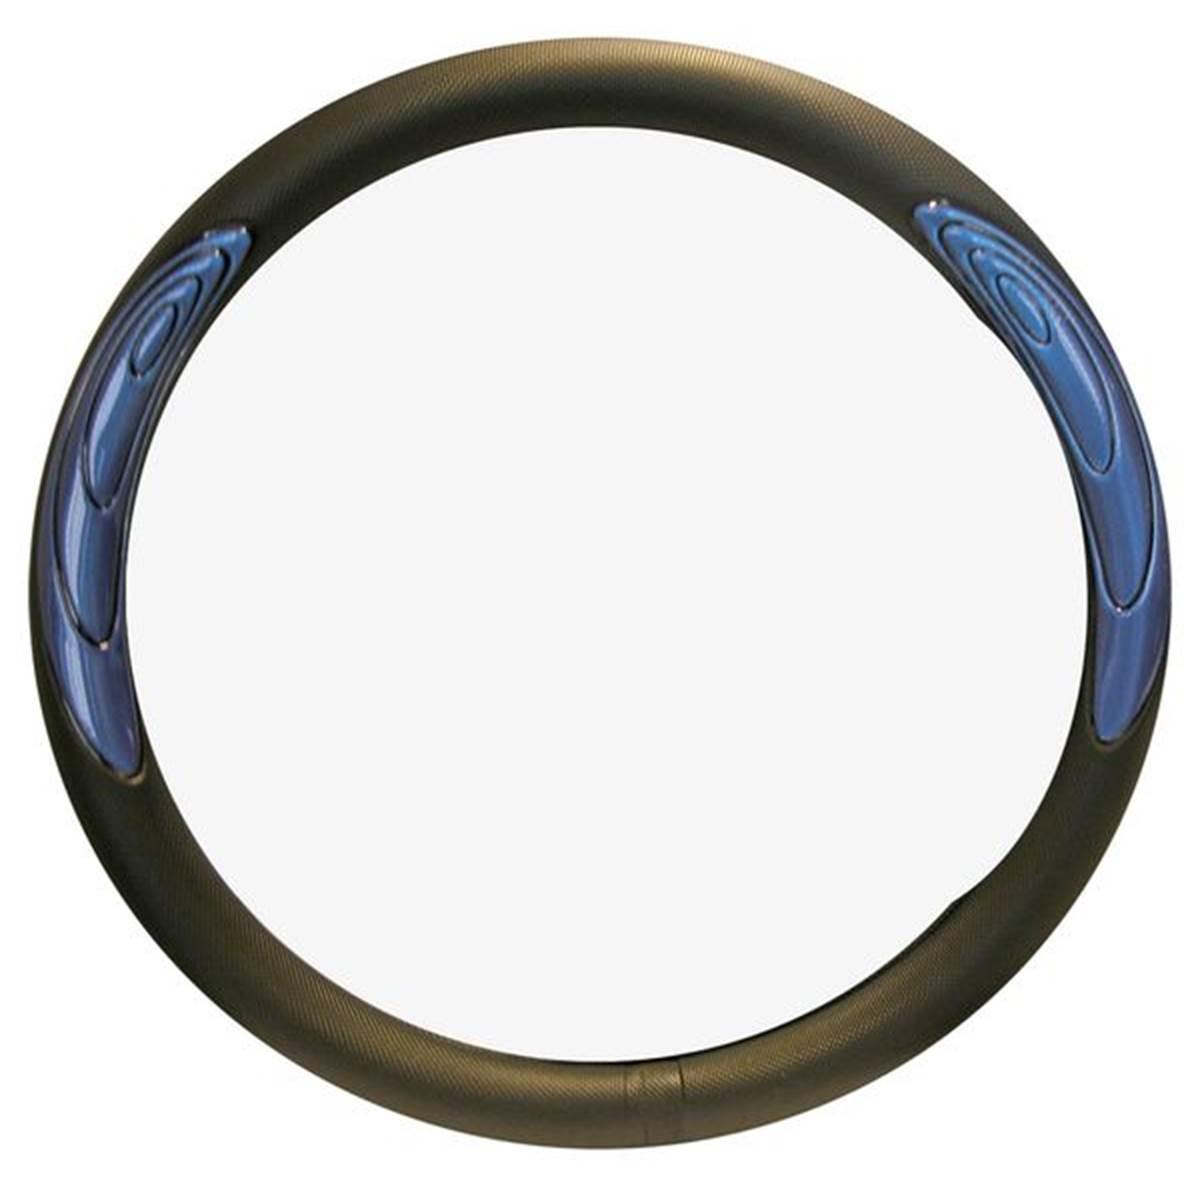 Couvre-volant noir décor bleu Tuning Effect